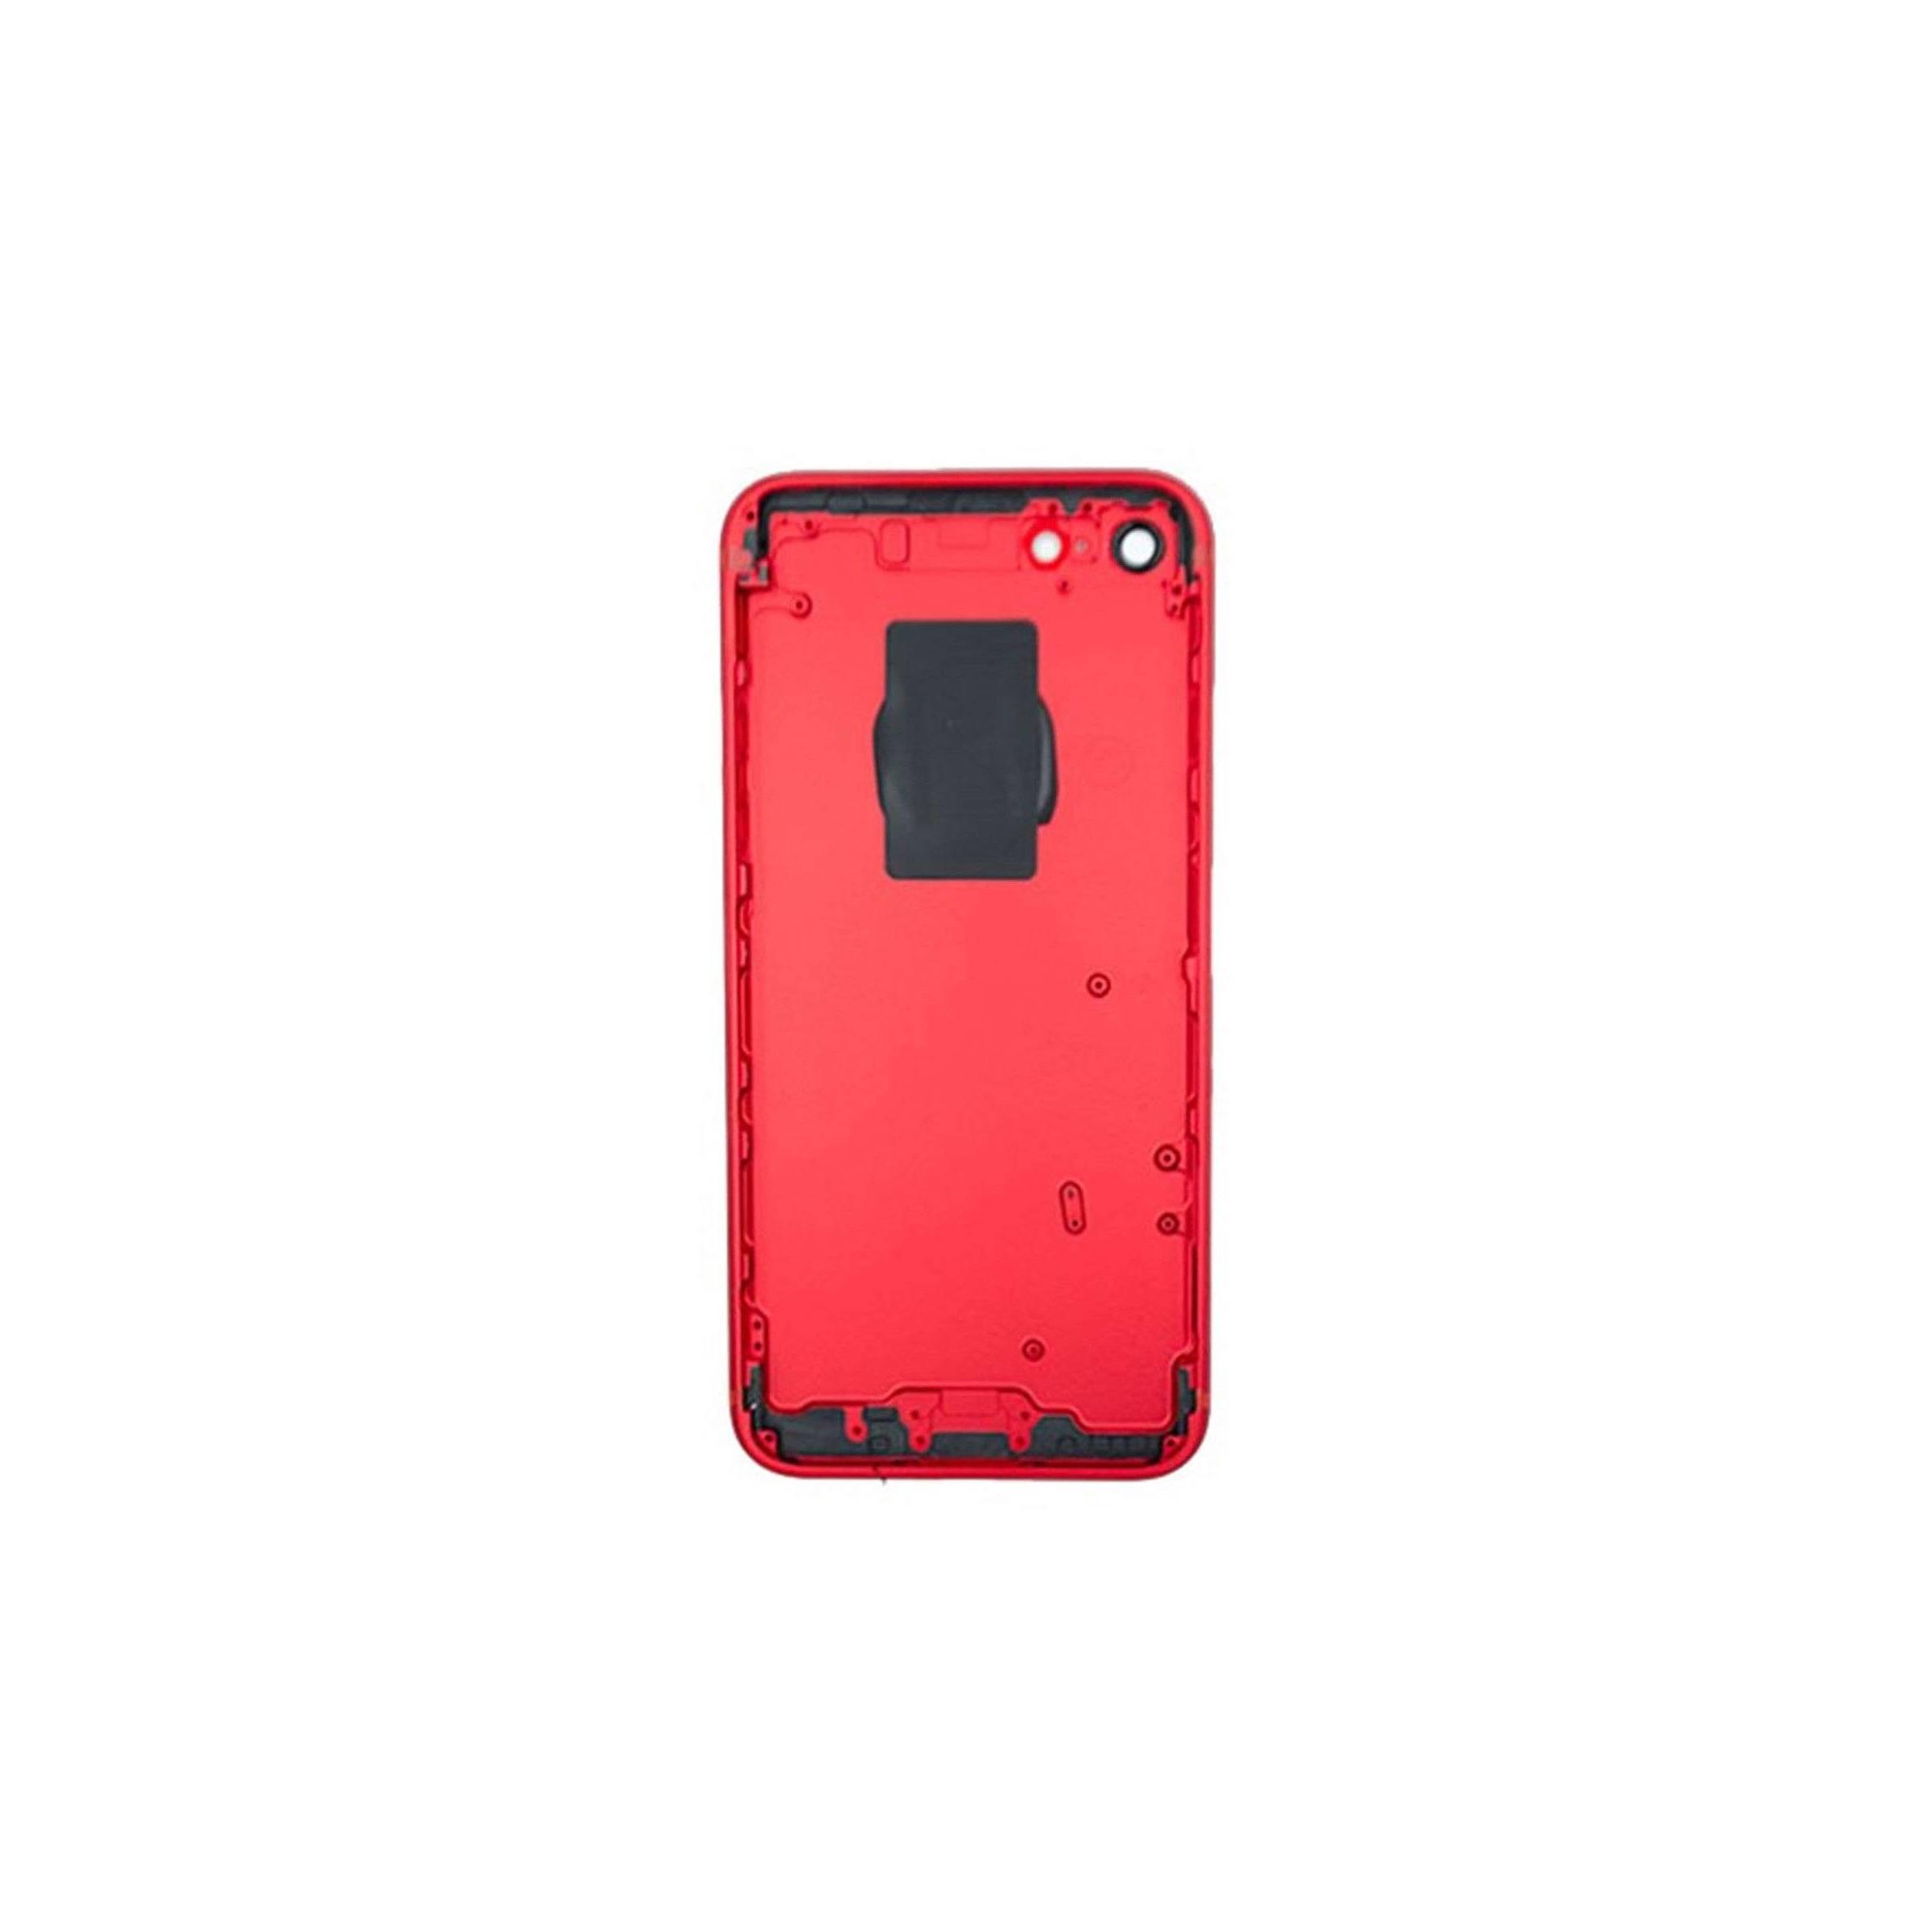 Iphone 7 housing farve rød fra sinox fra mackabler.dk